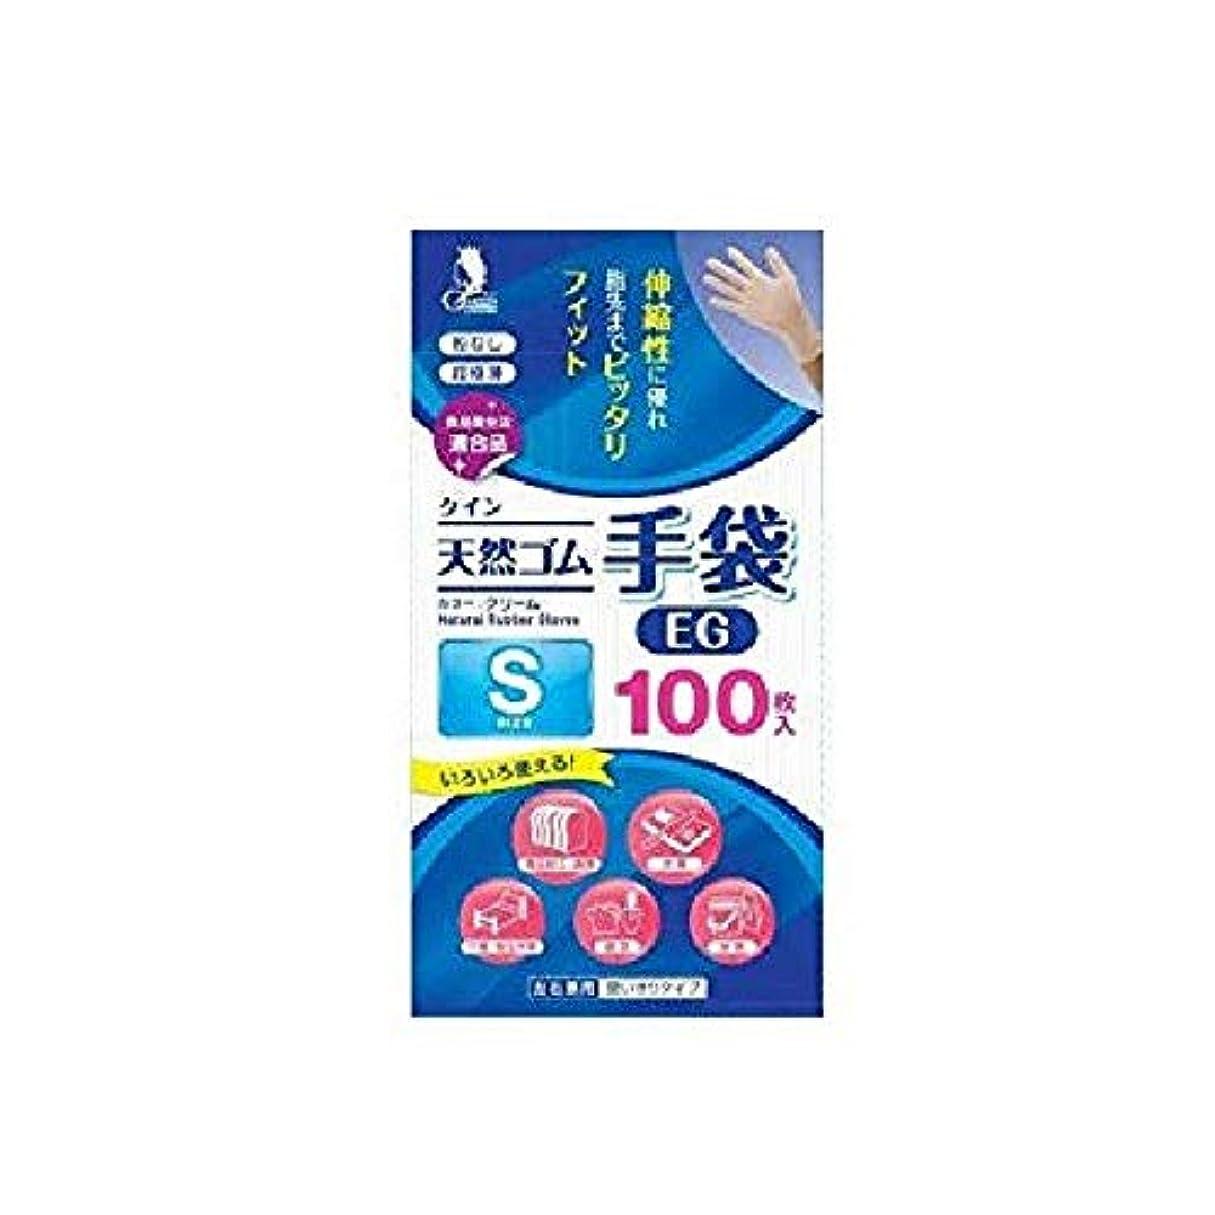 憤る最大のドライブ宇都宮製作 クイン 天然ゴム手袋 EG 粉なし 100枚入 Sサイズ